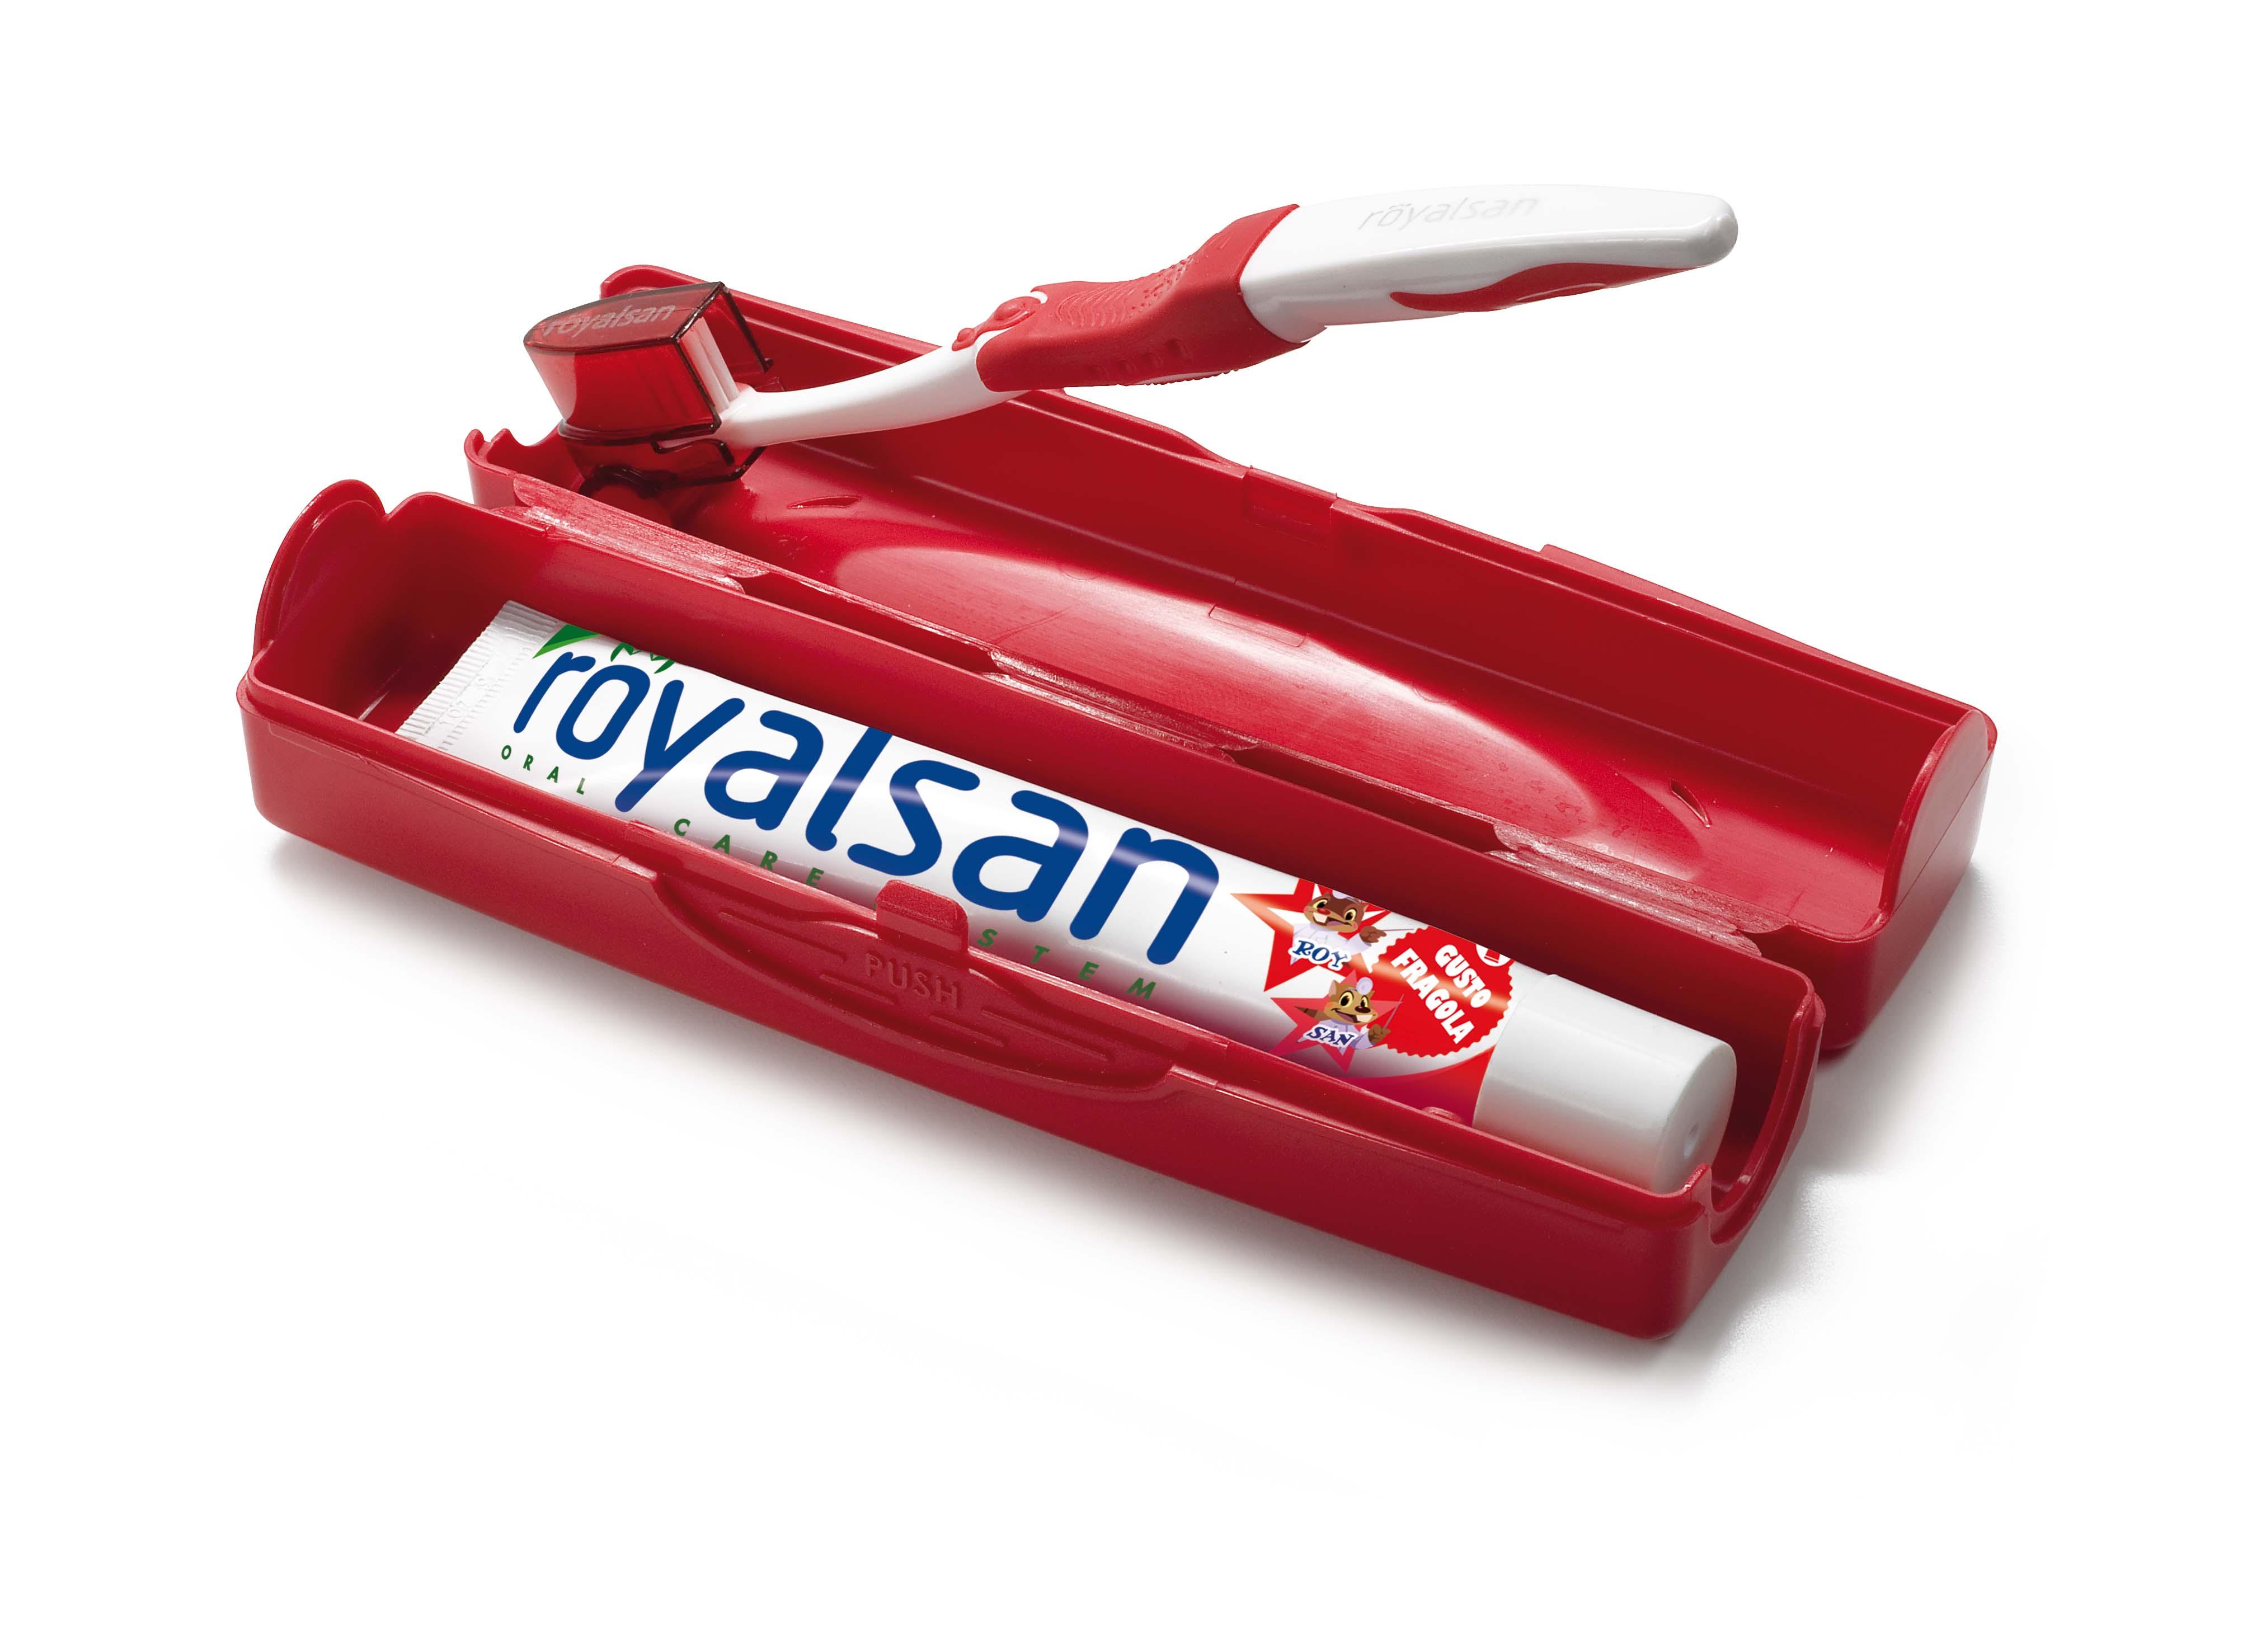 Porta spazzolino e dentifricio